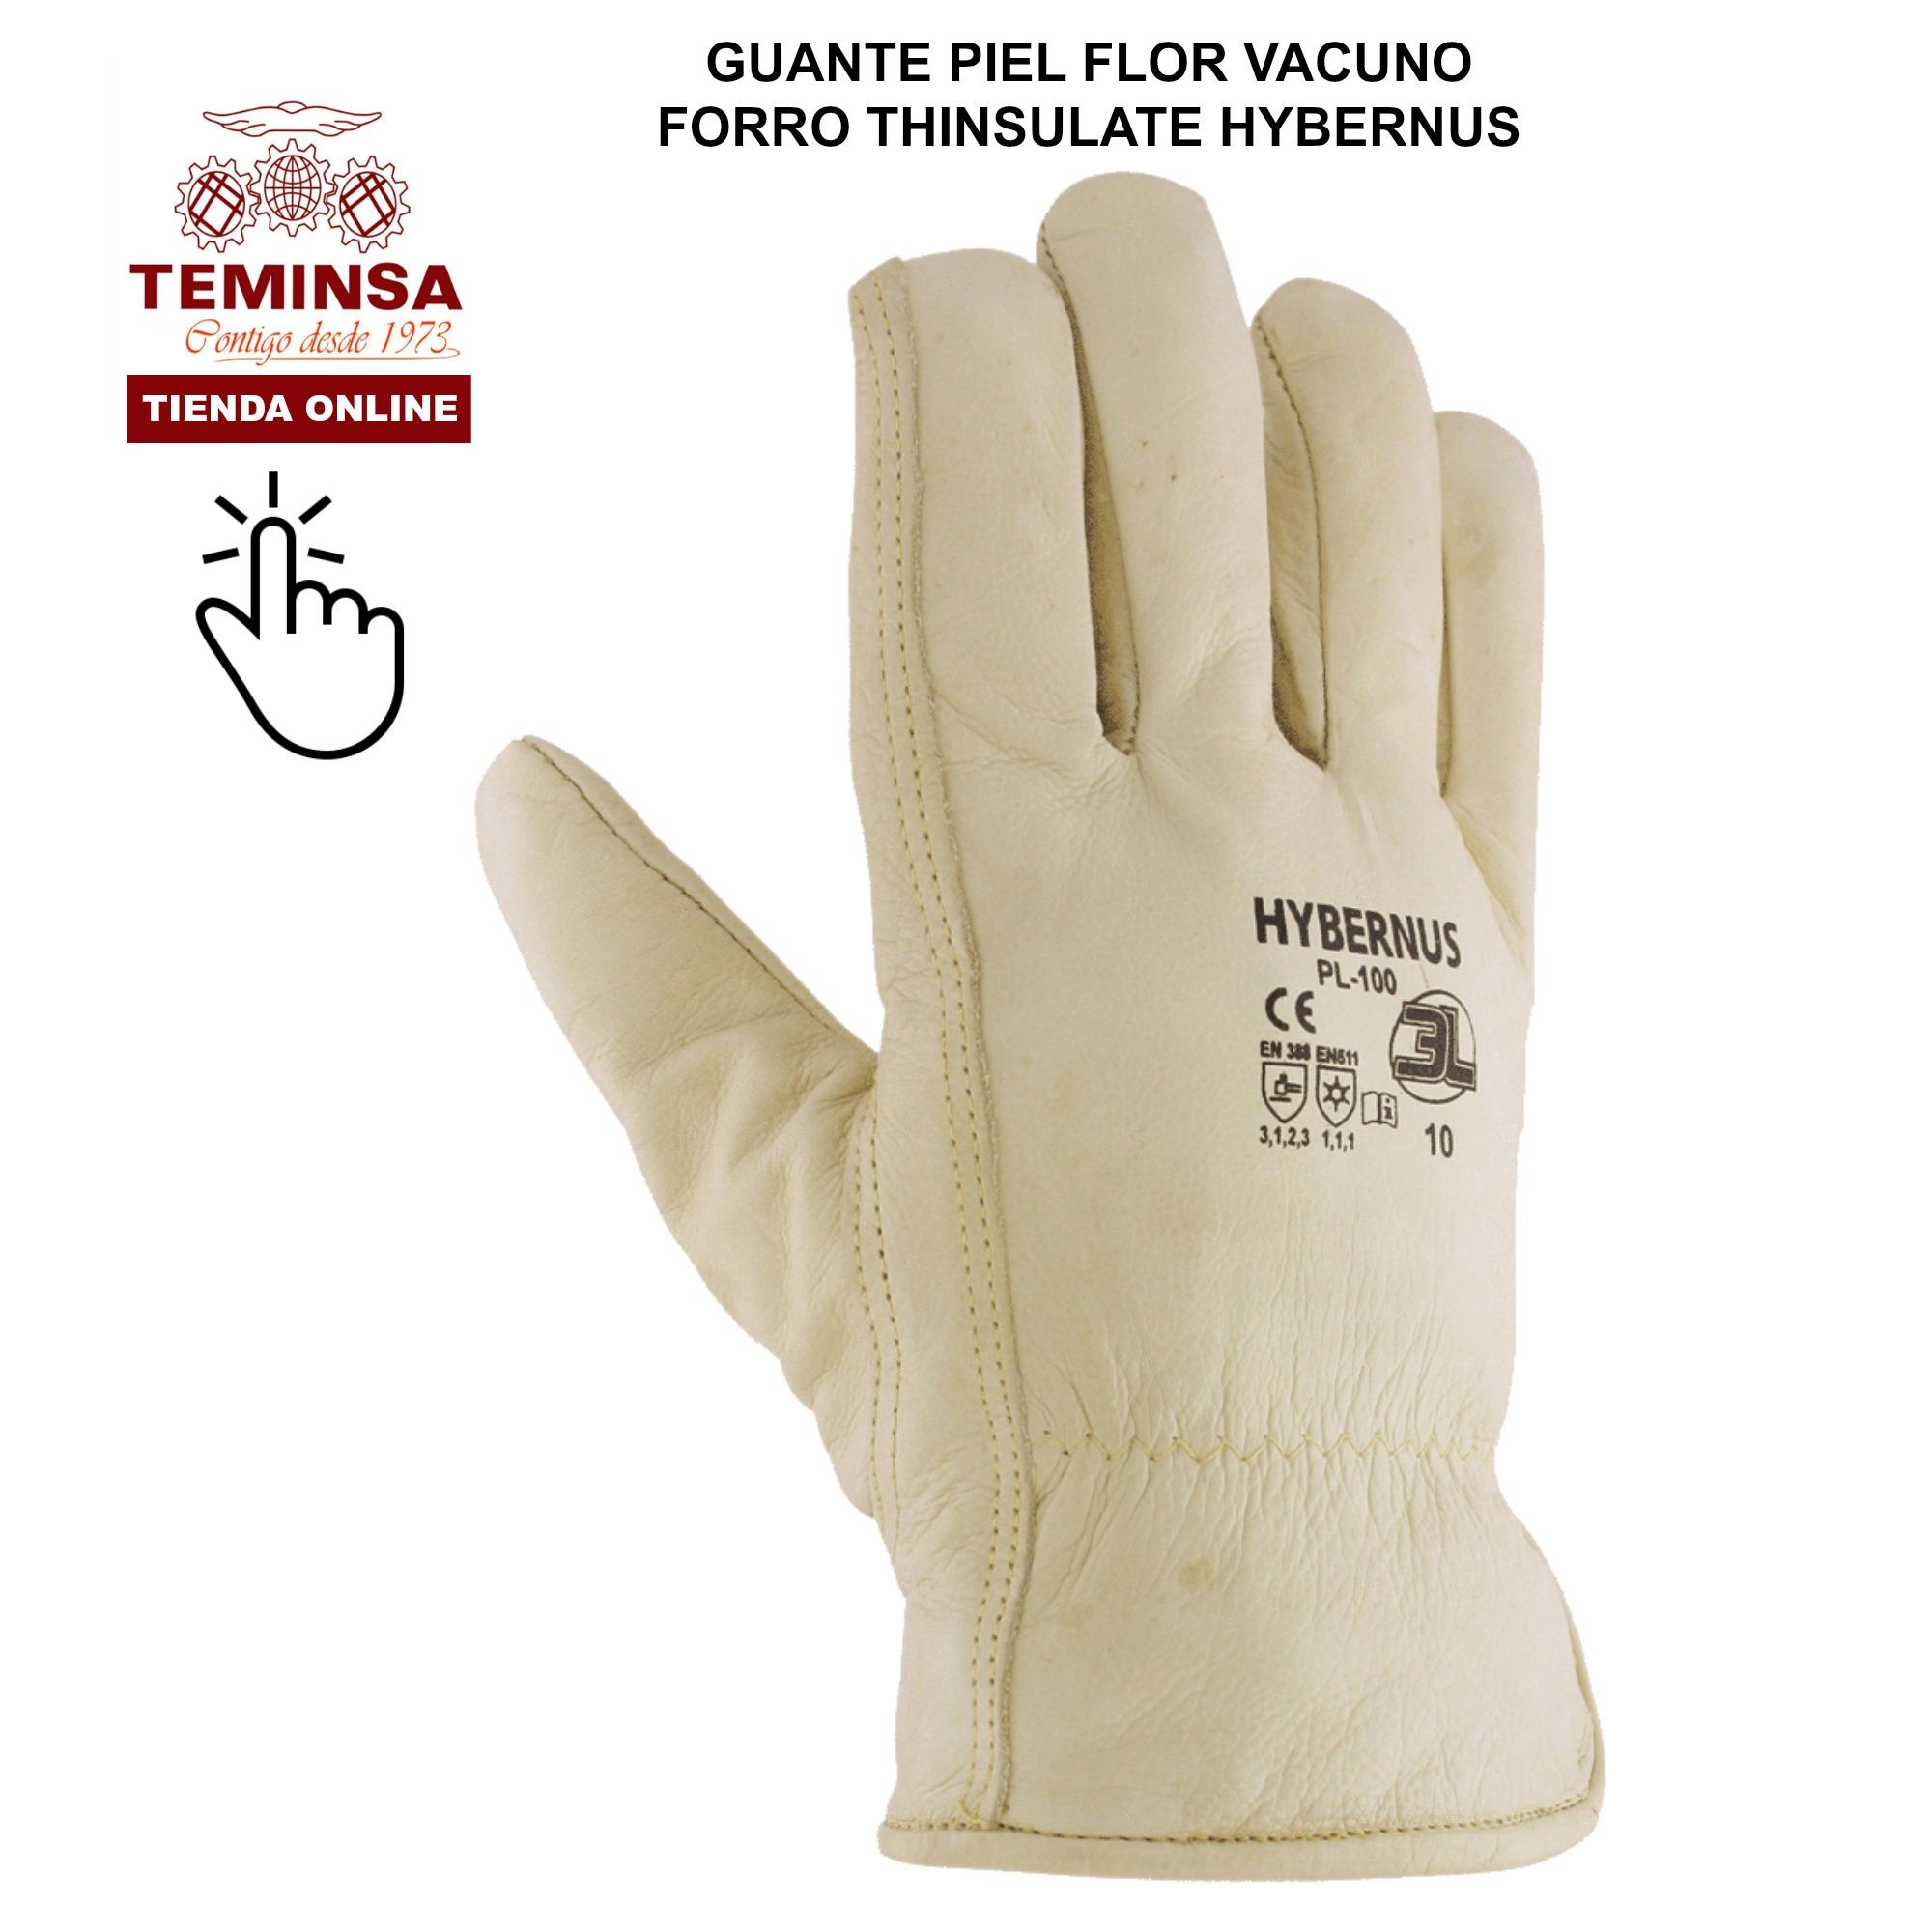 Guantes para el frio o bajas temperaturas Piel Flor Vacuno Teminsa Online